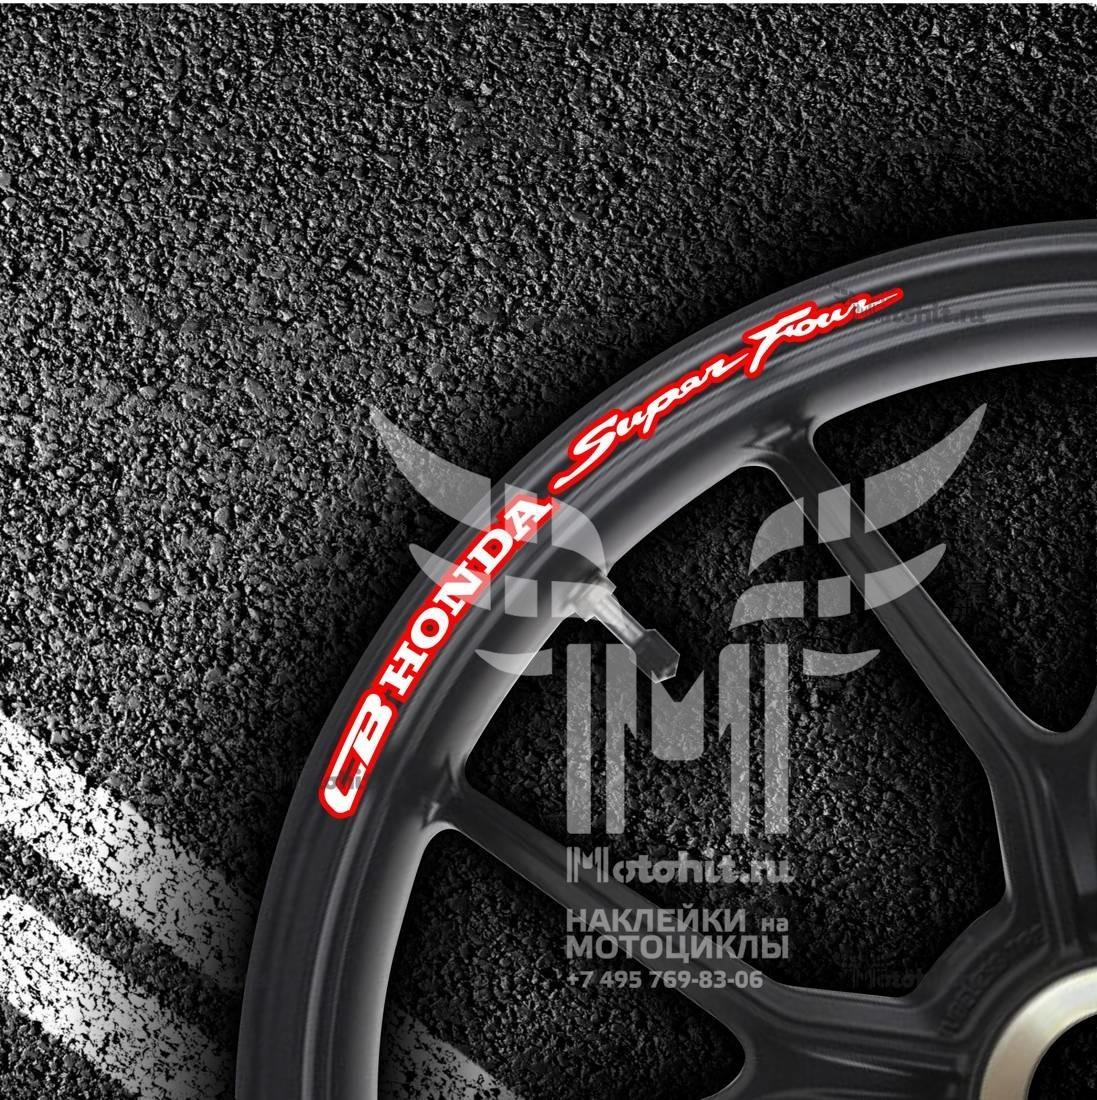 Комплект наклеек на обод колеса мотоцикла HONDA CB-SUPER-FOUR